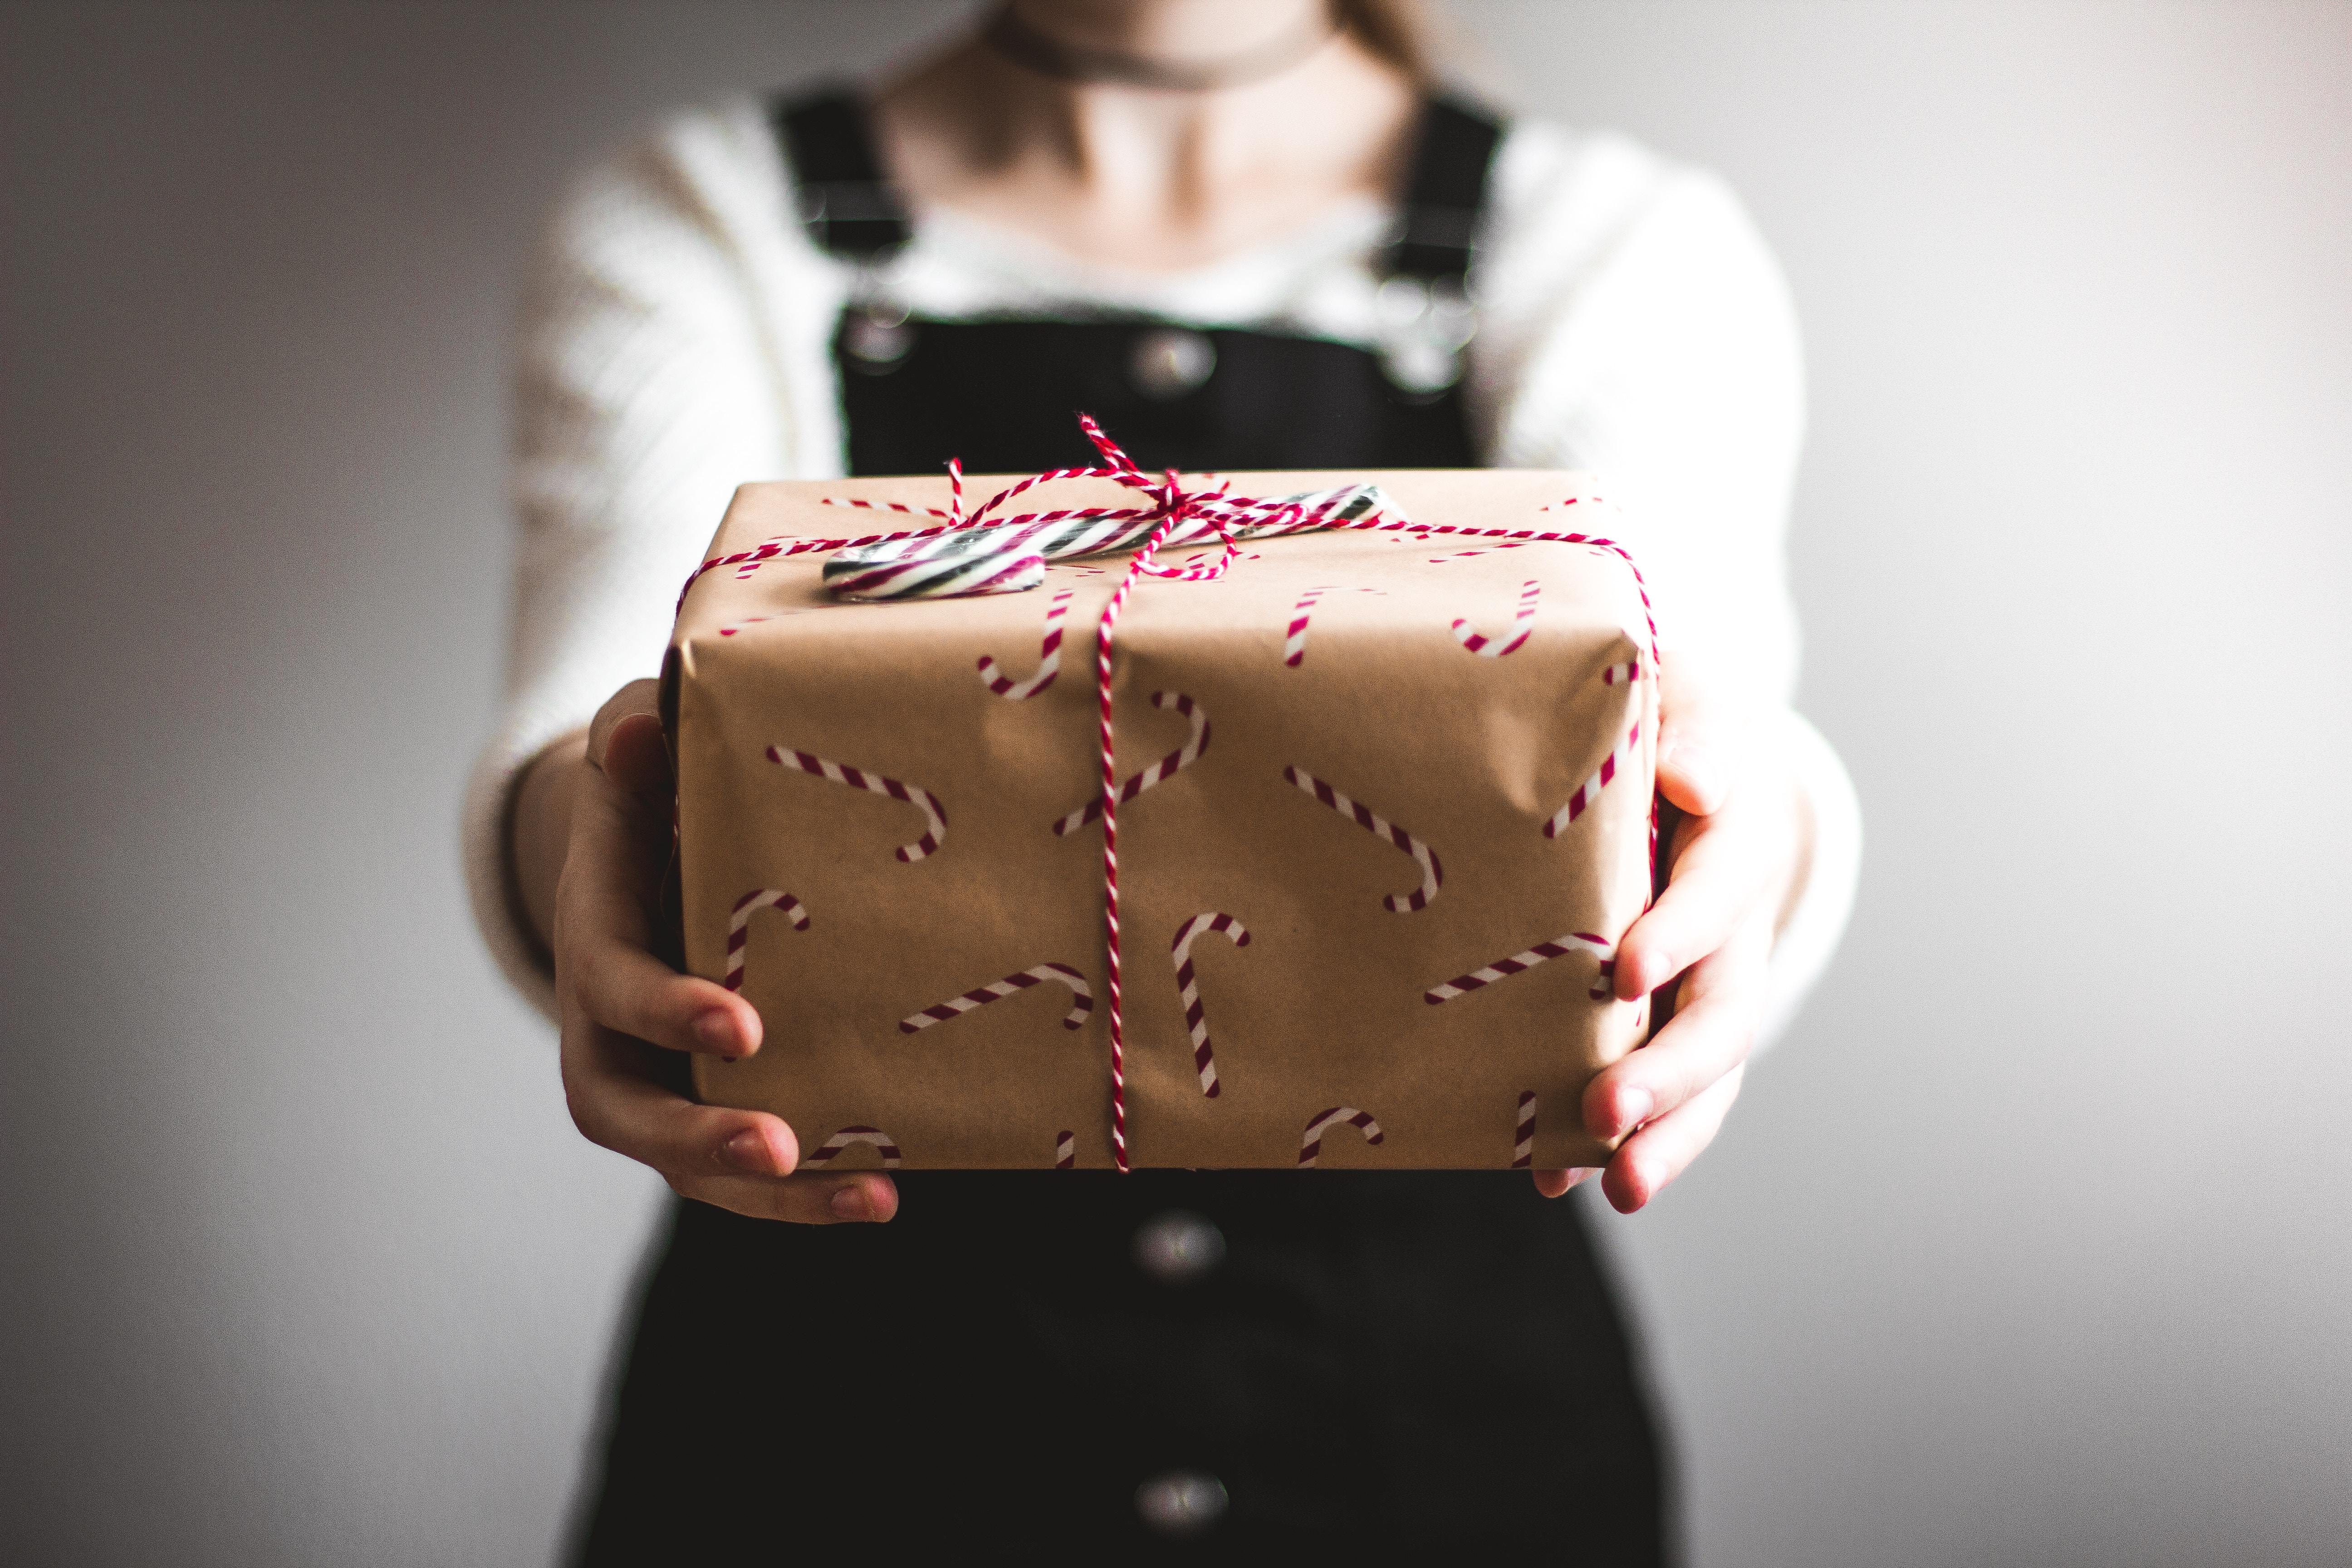 personne montrant une boîte cadeau brune